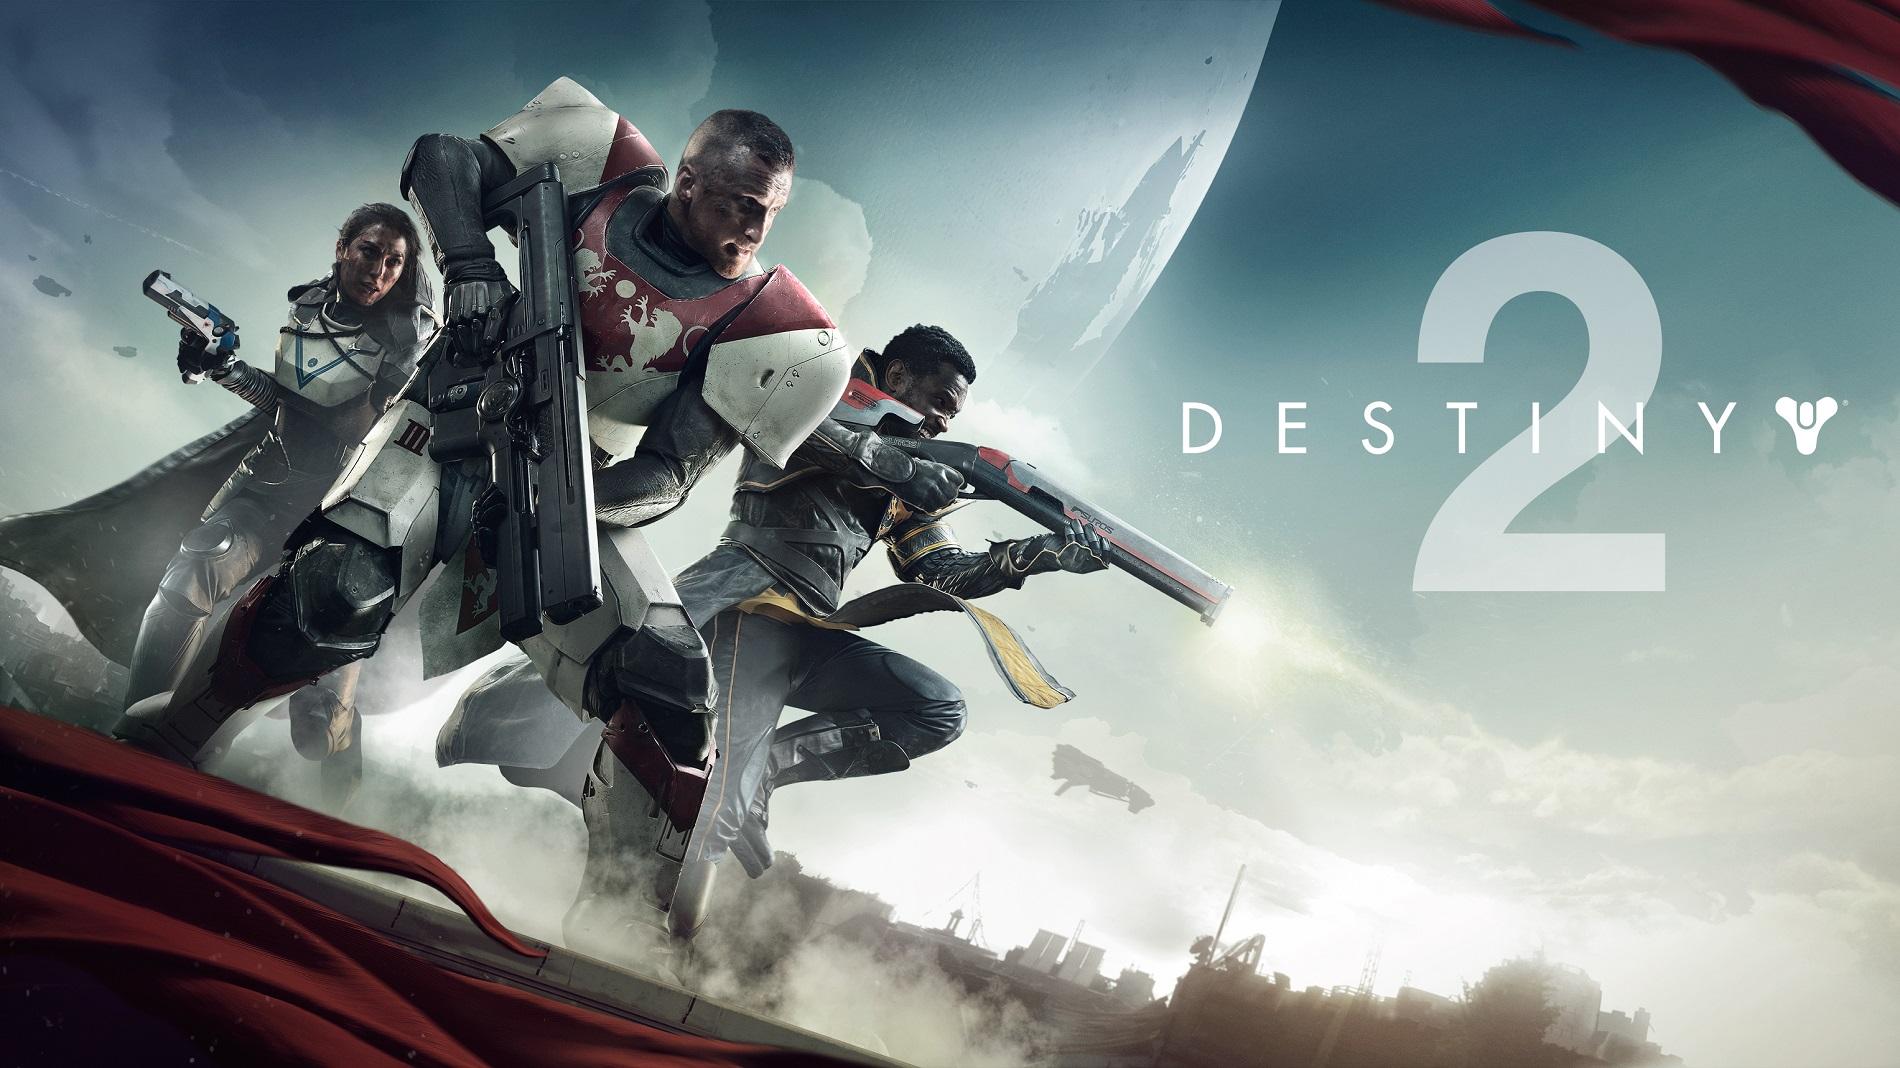 تحلیل فنی   بررسی کامل عملکرد بازی Destiny 2 با سختافزارها و حالتهای مختلف